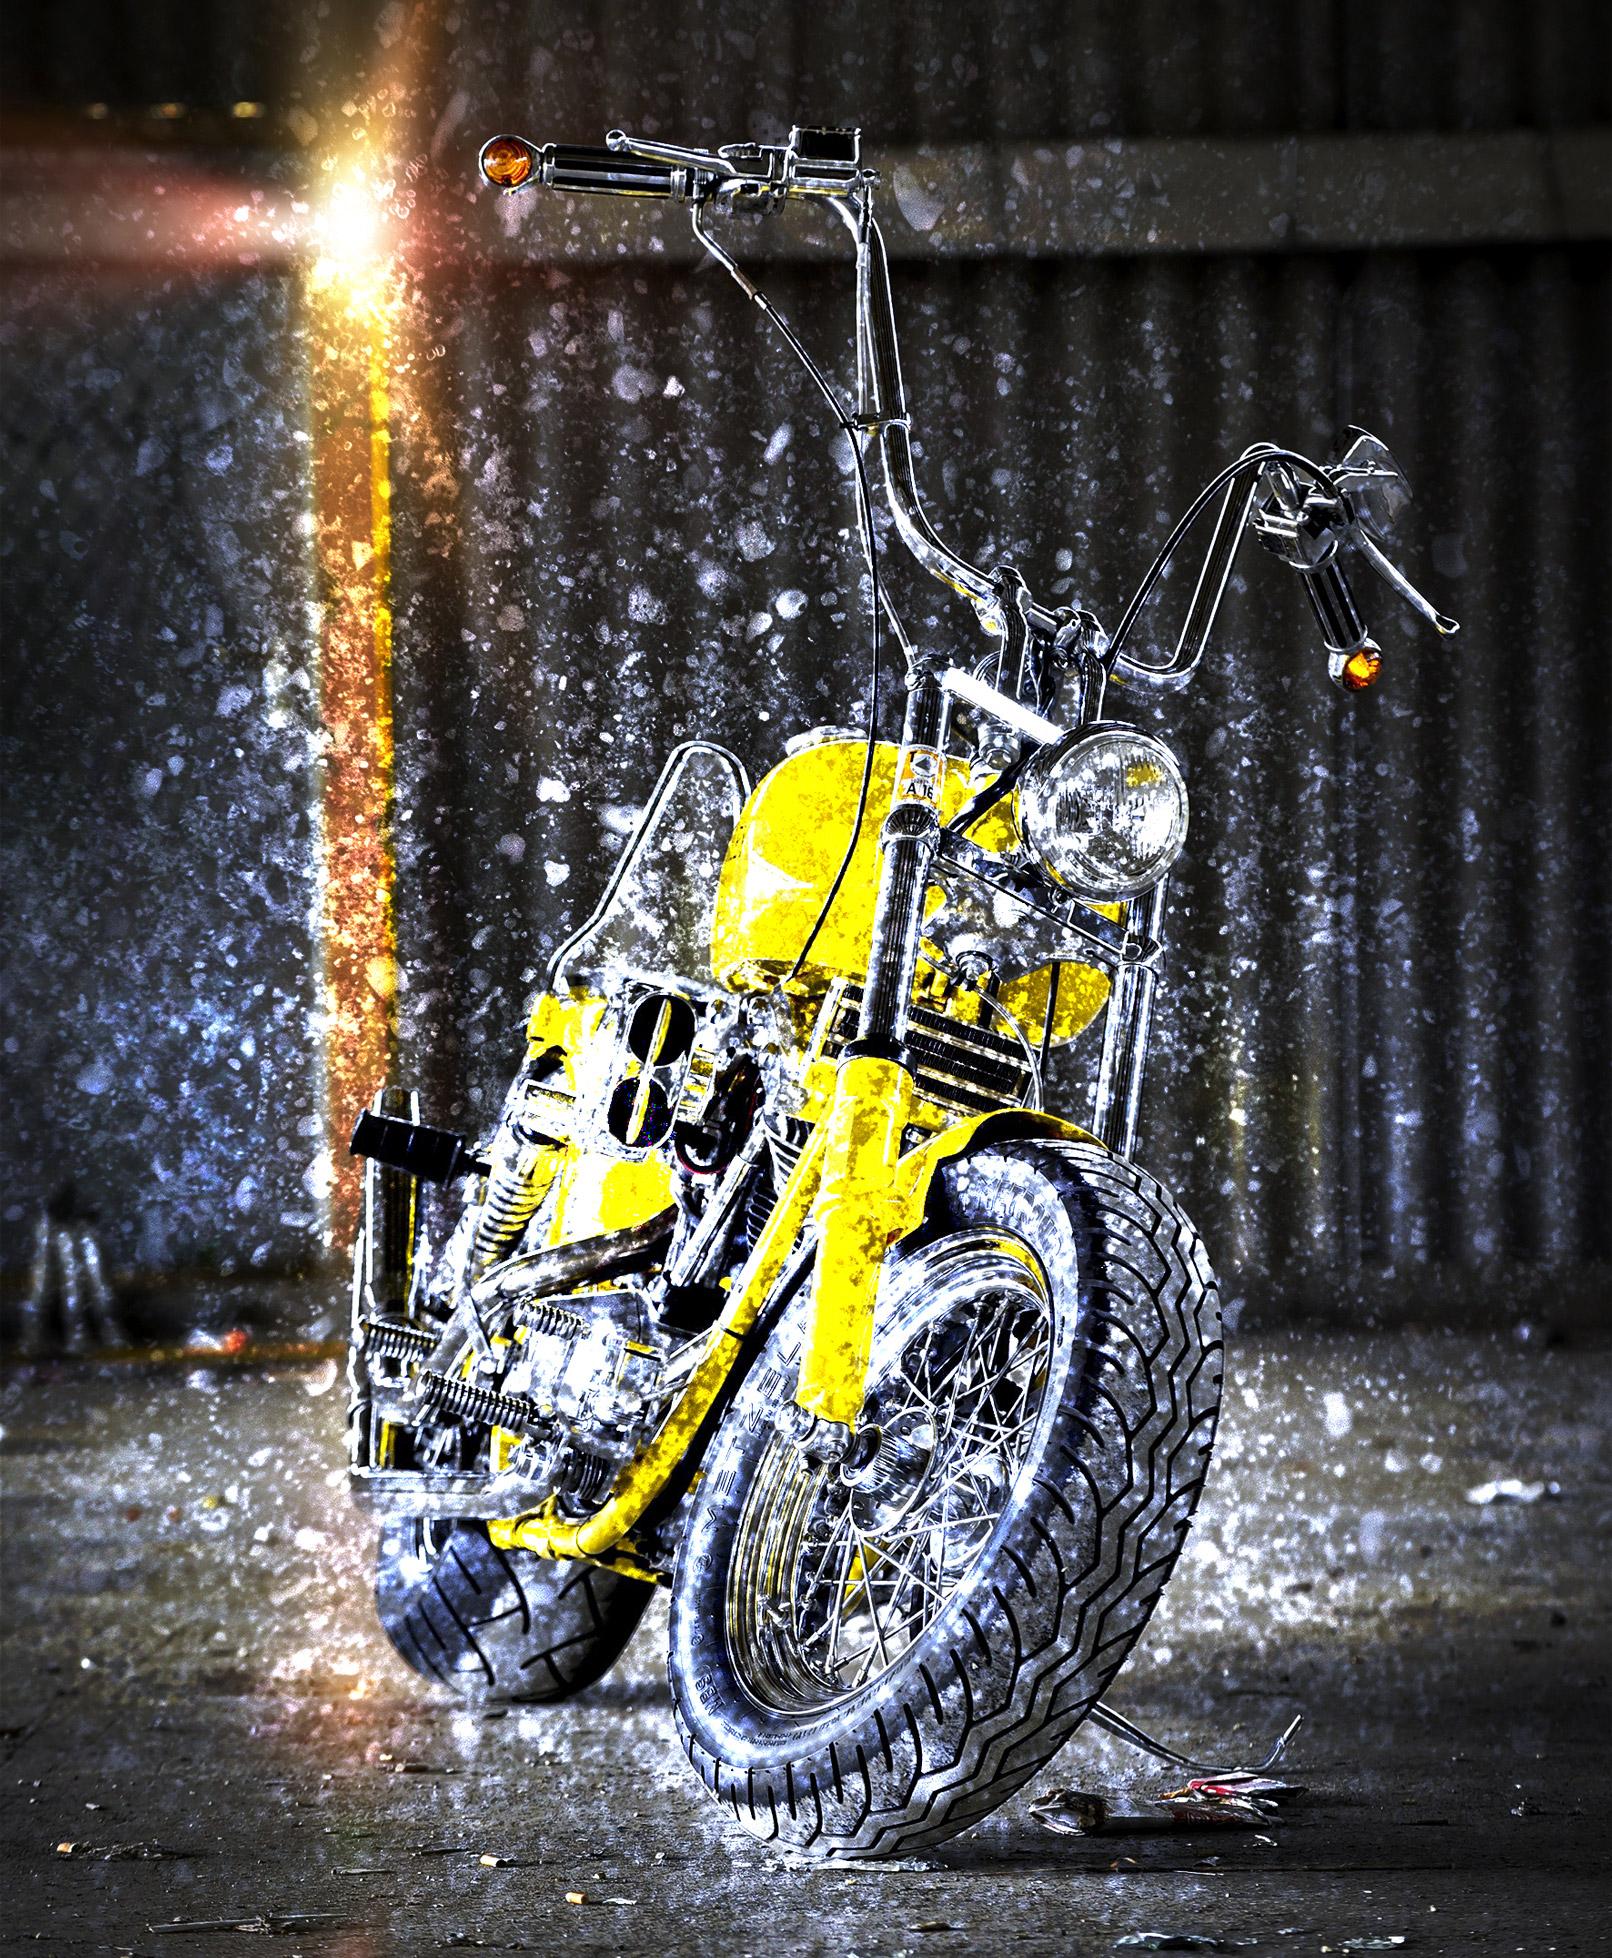 Bild von Motorrad, überlagert mit Mauer-Textur